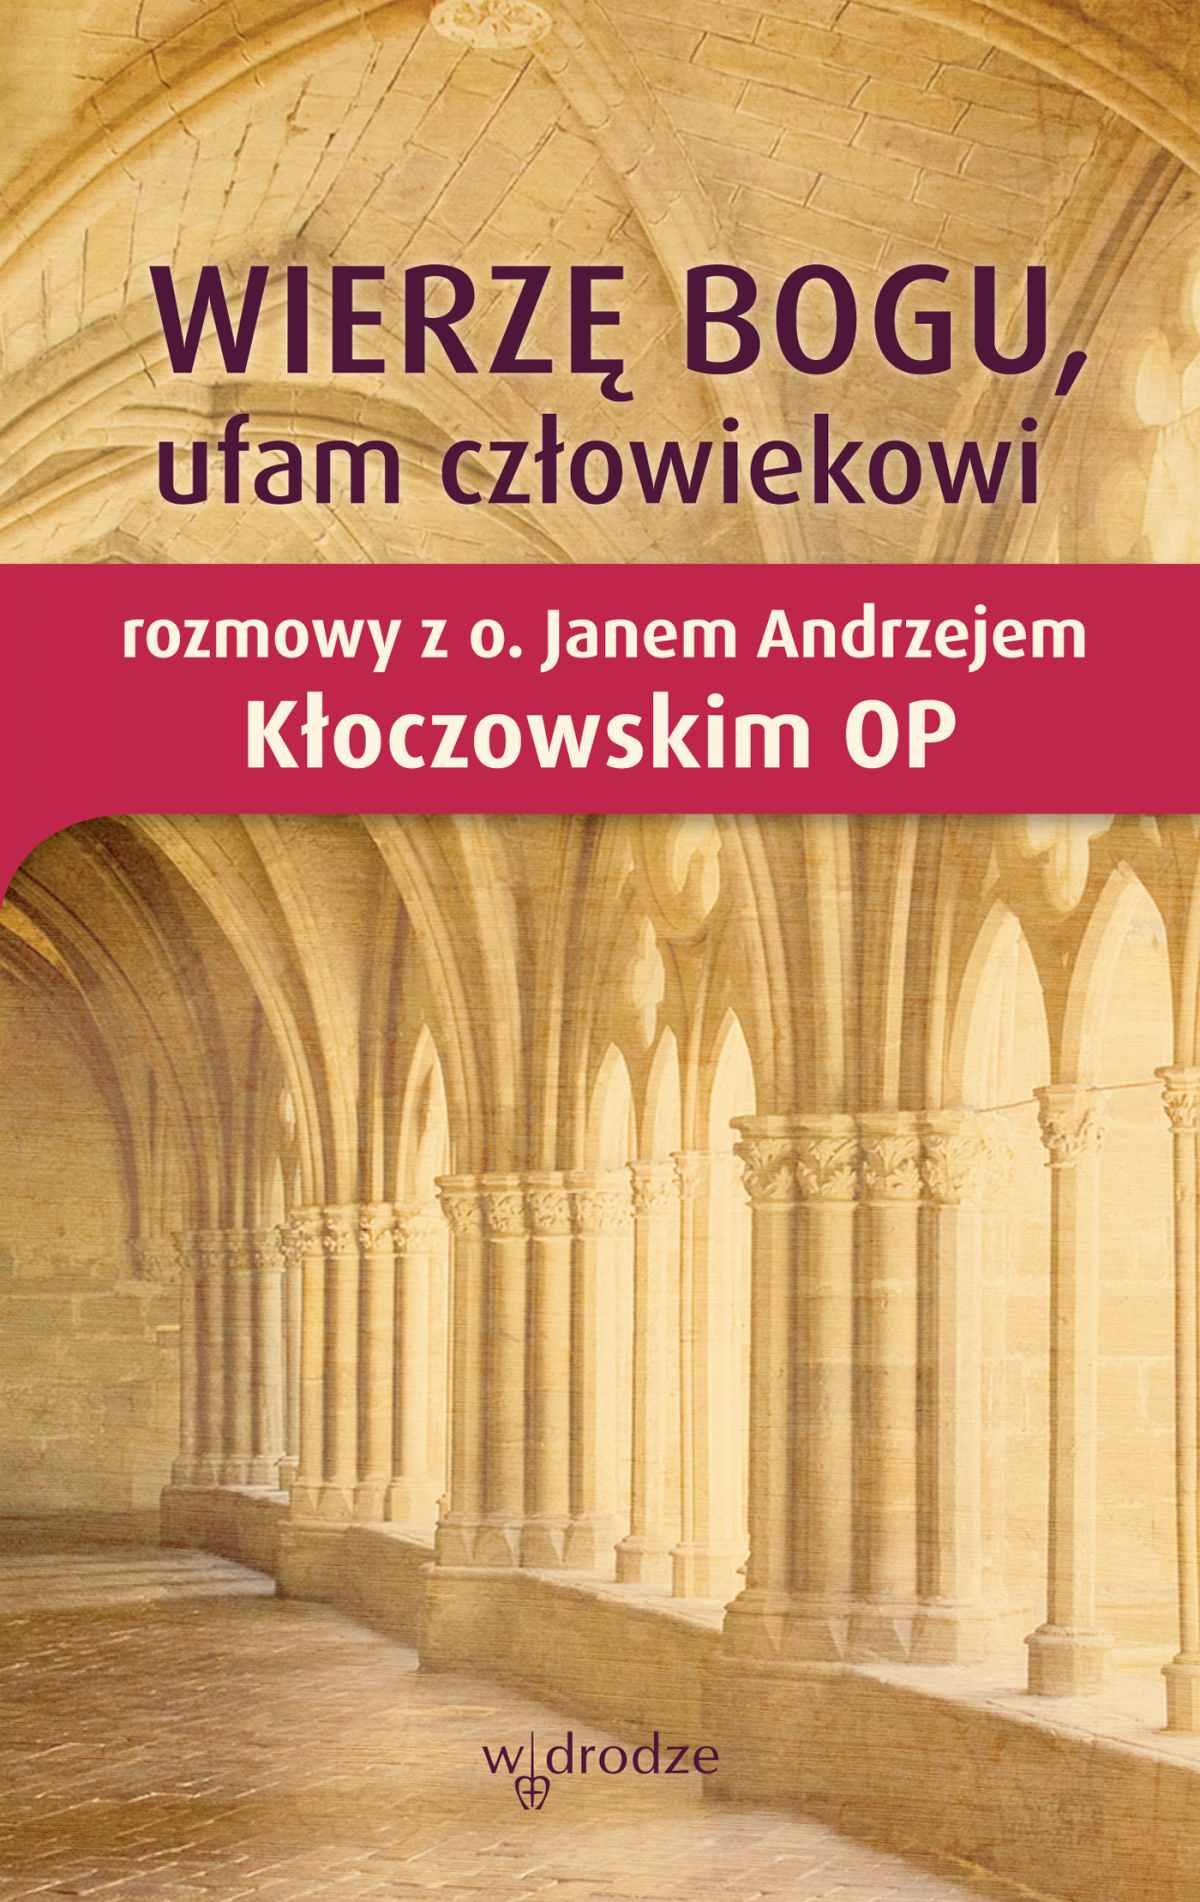 Wierzę Bogu, ufam człowiekowi. Rozmowy z o. Janem Andrzejem Kłoczowskim OP - Ebook (Książka EPUB) do pobrania w formacie EPUB